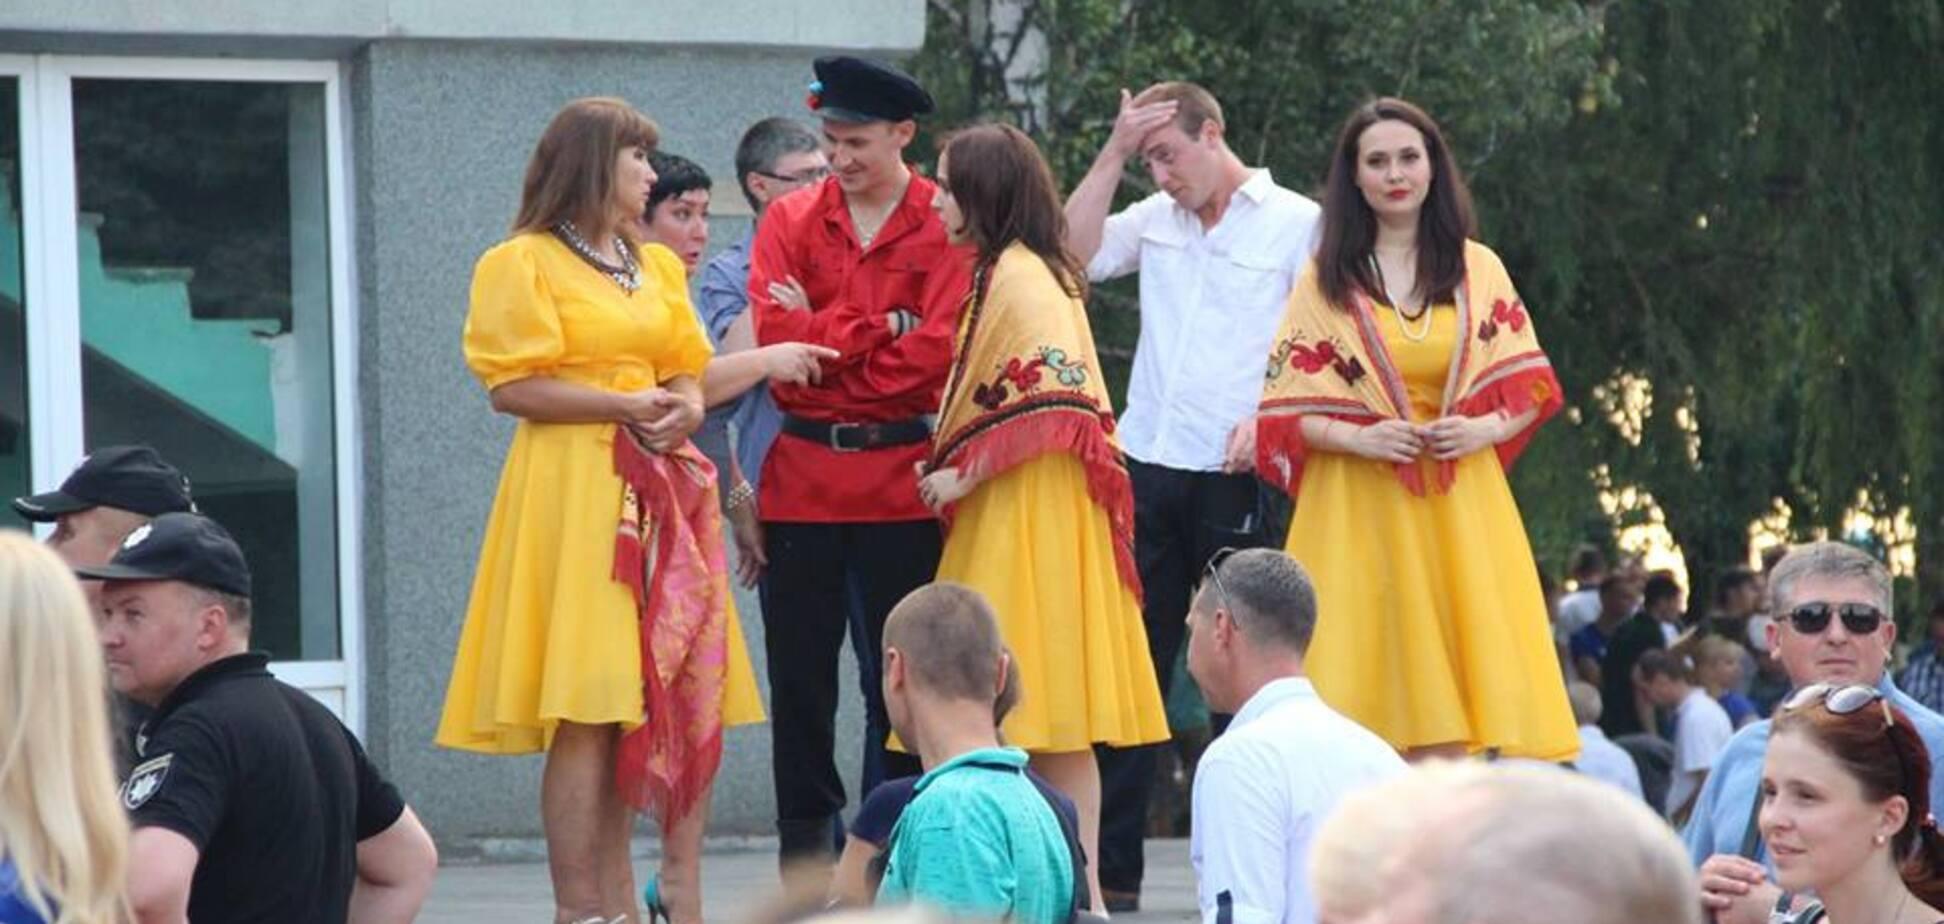 'Чмошники в кокошниках!' Украинцев разозлил праздник в прифронтовой Авдеевке